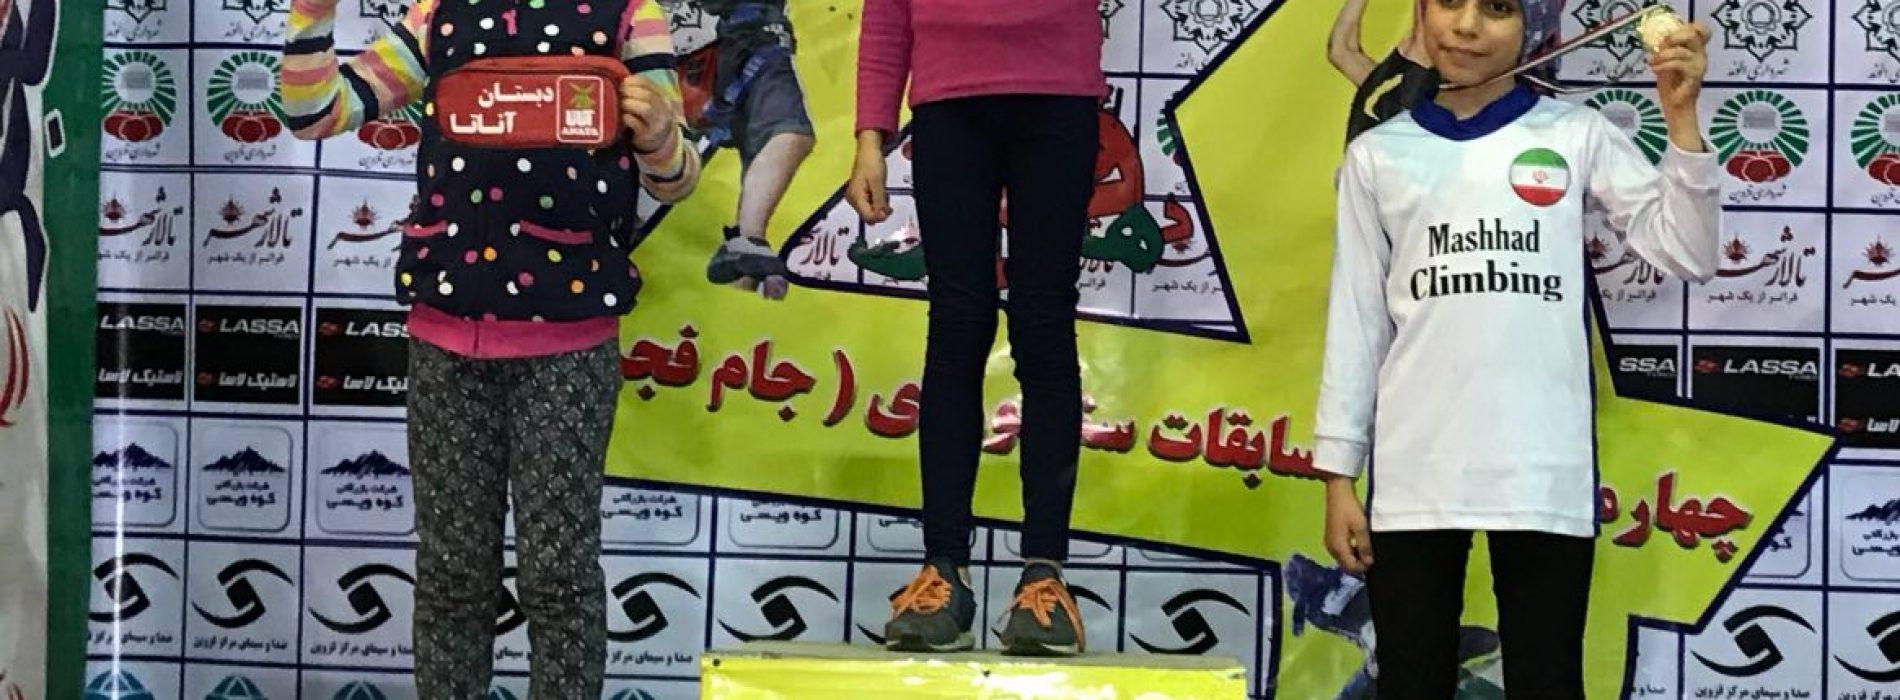 نتایج چهارمین دوره مسابقات سنگنوردی جام فجر رده سنی نونهالان ـ نوجوانان بخش دختران